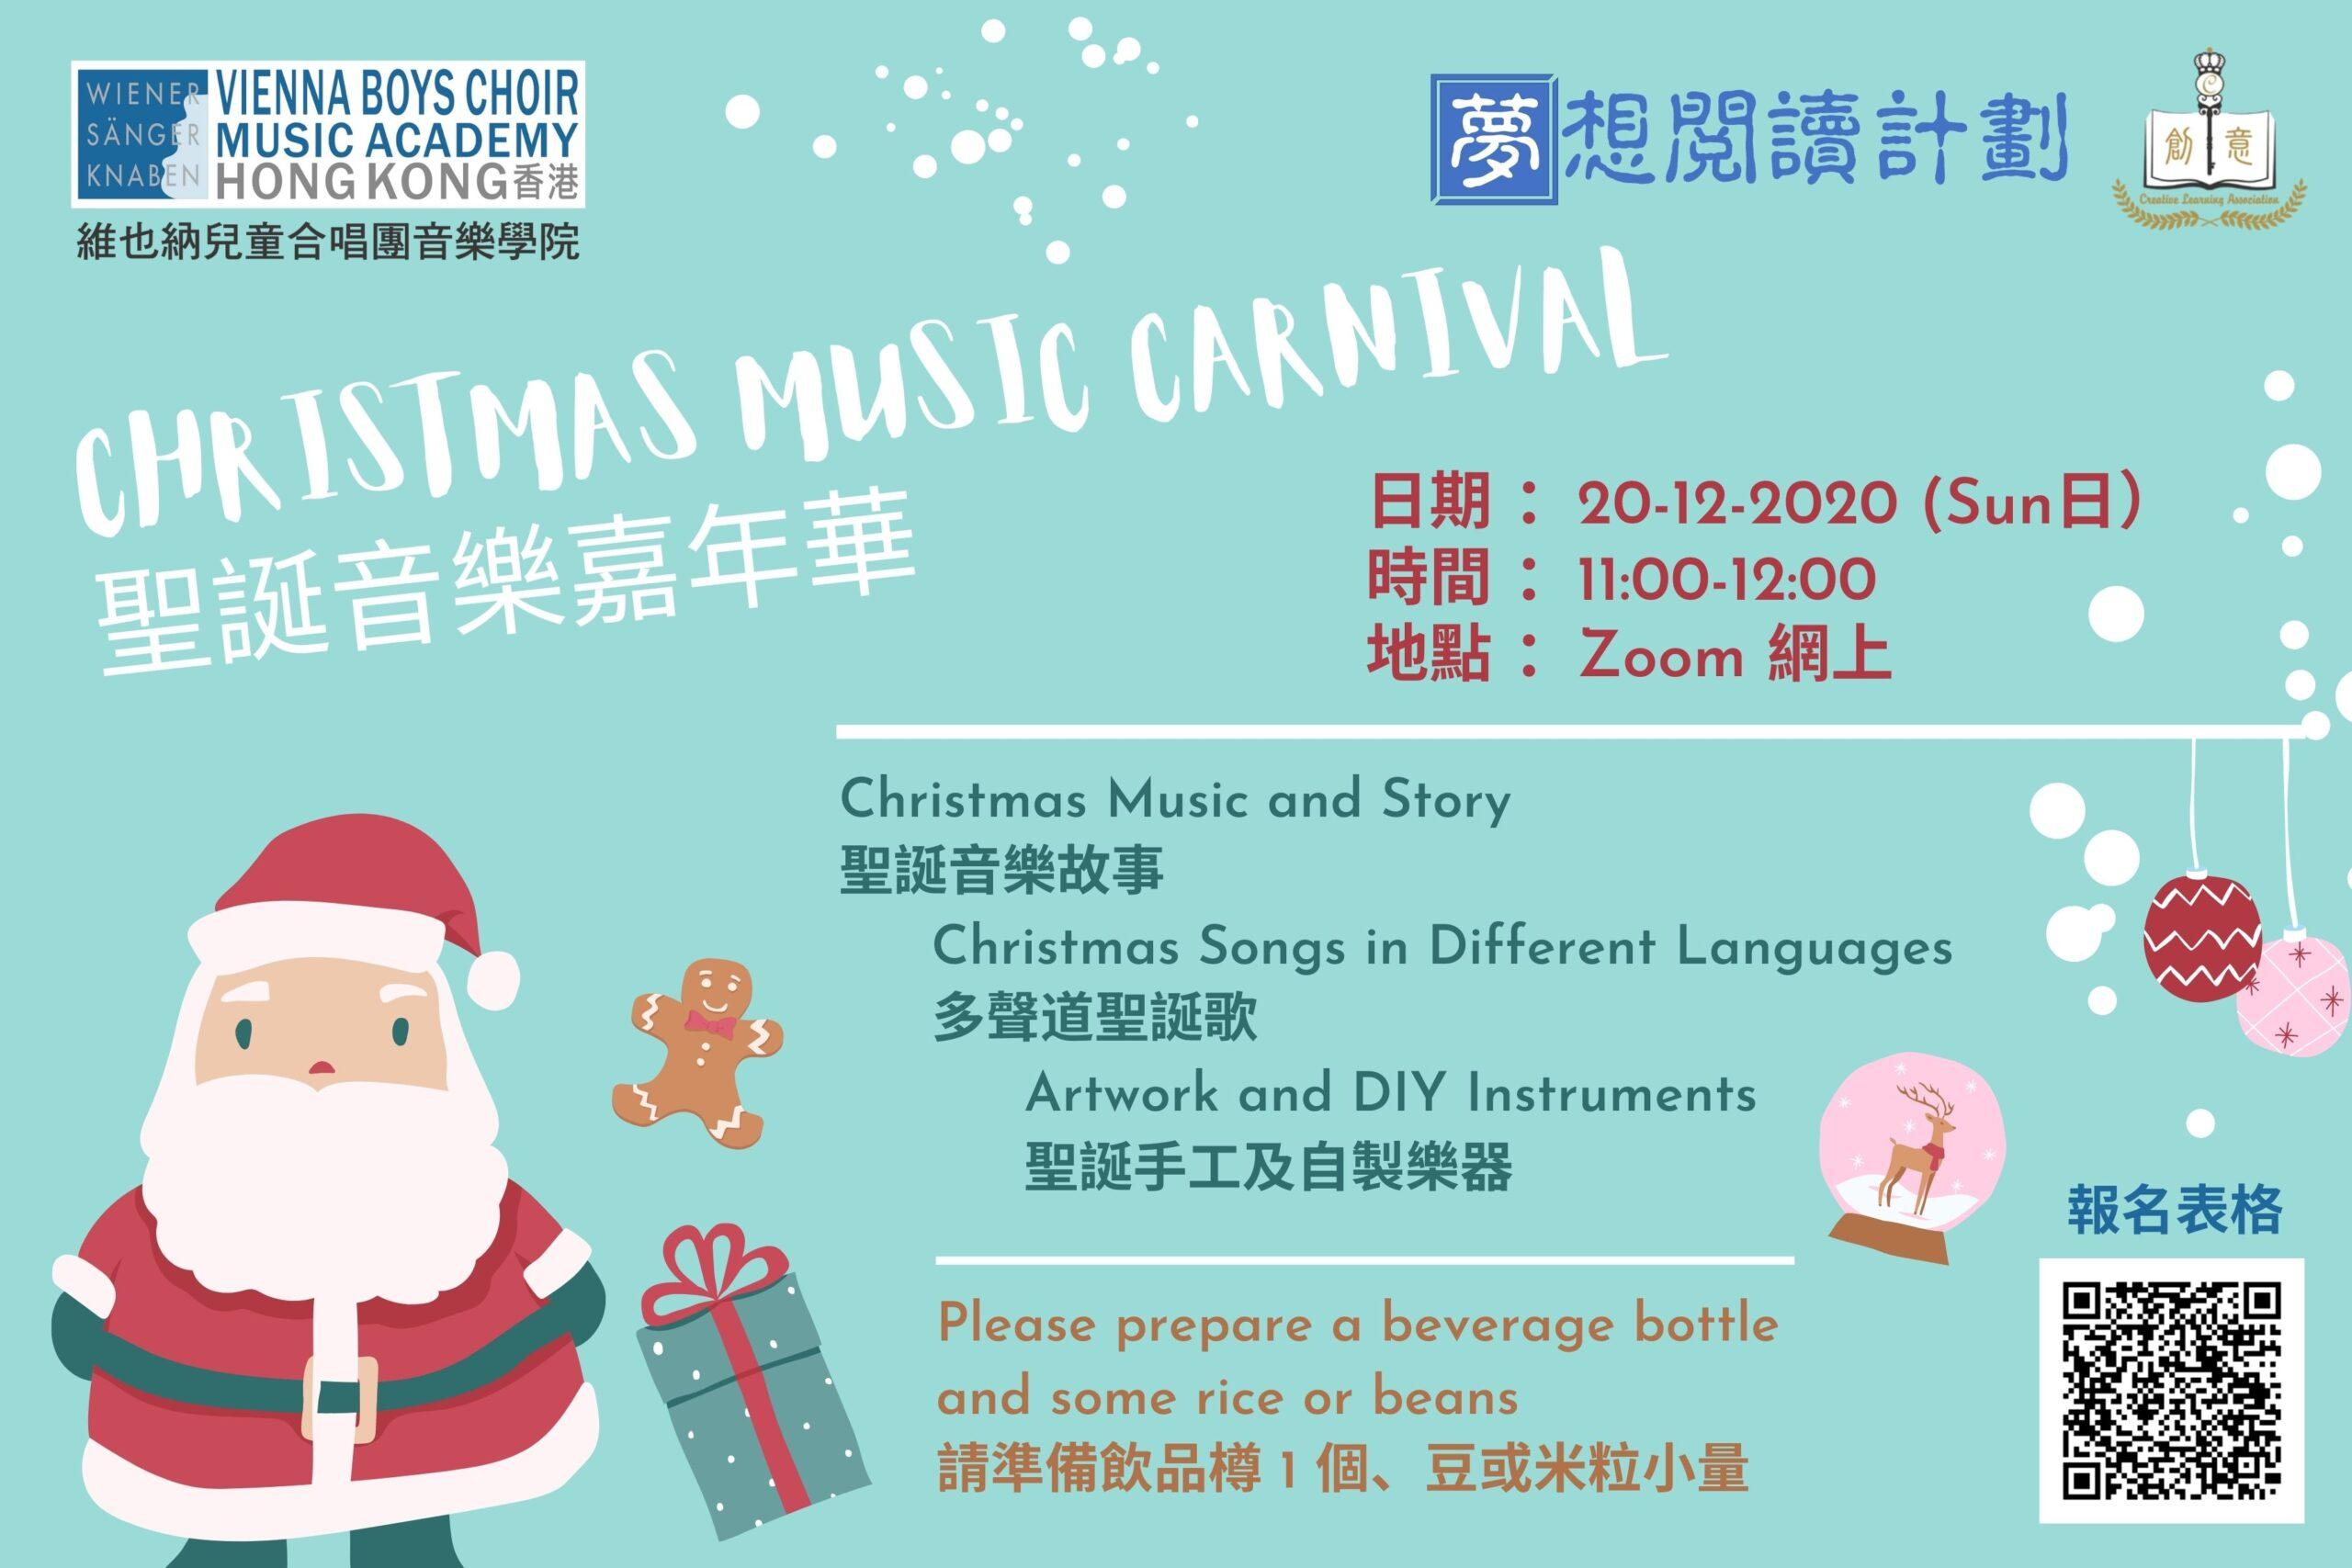 2020-2021年度閱讀延伸活動——聖誕音樂嘉年華